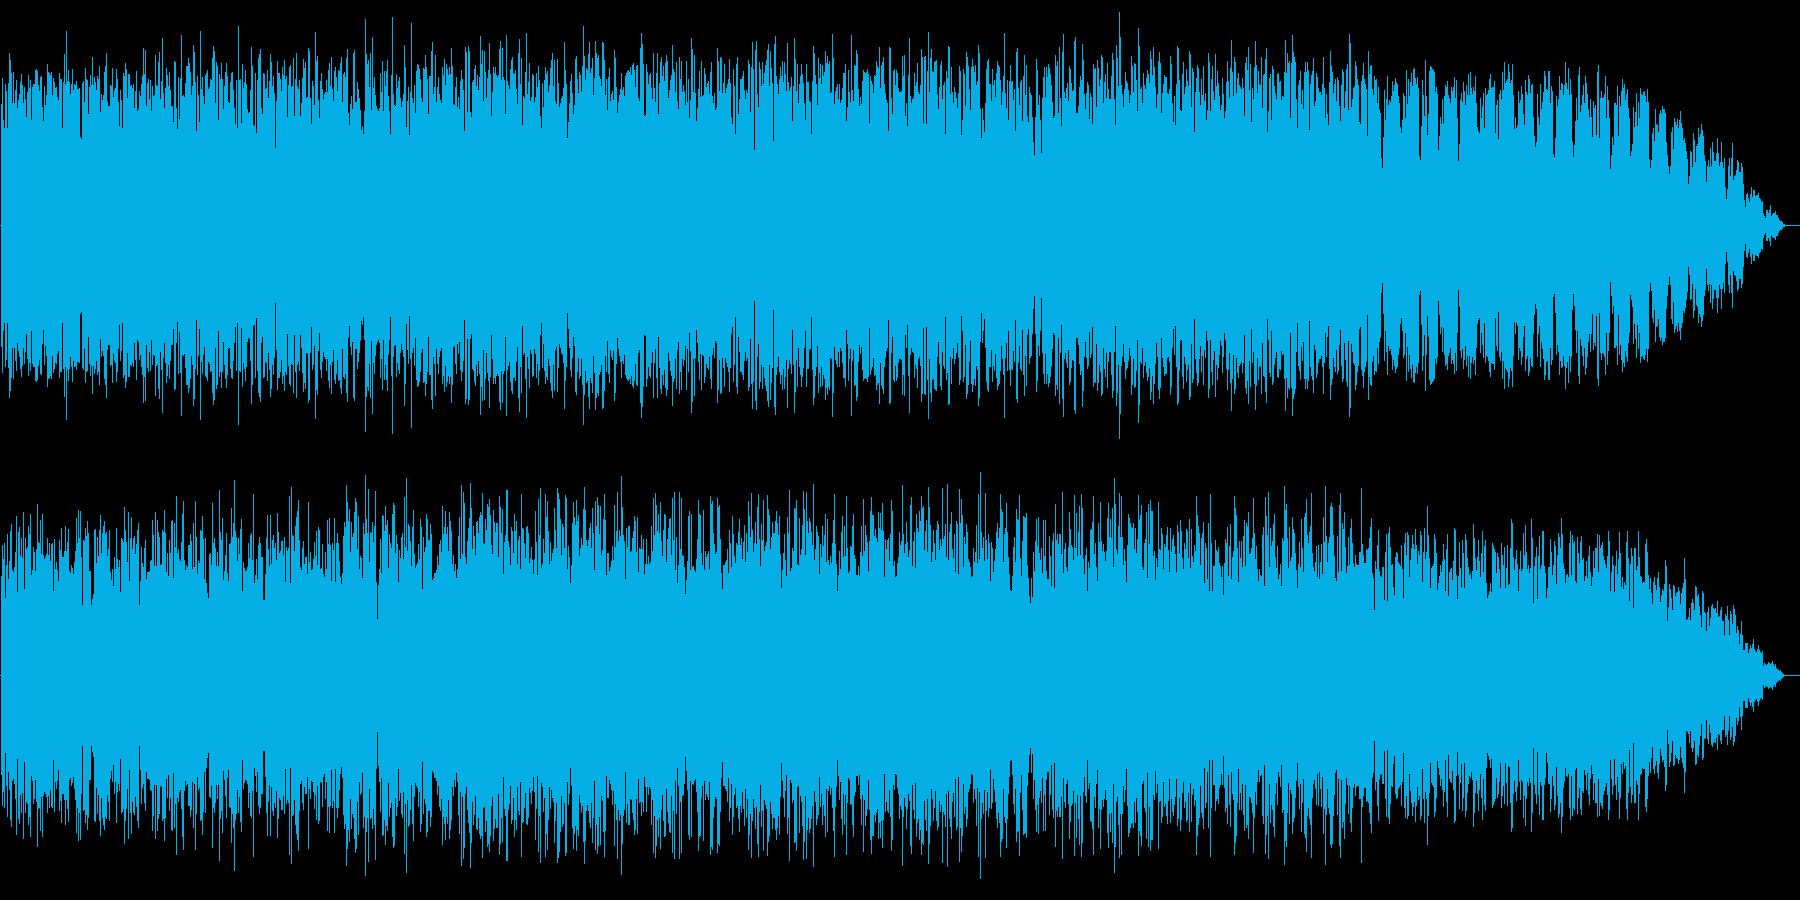 パーカッションとシンセサイザーのBGMの再生済みの波形